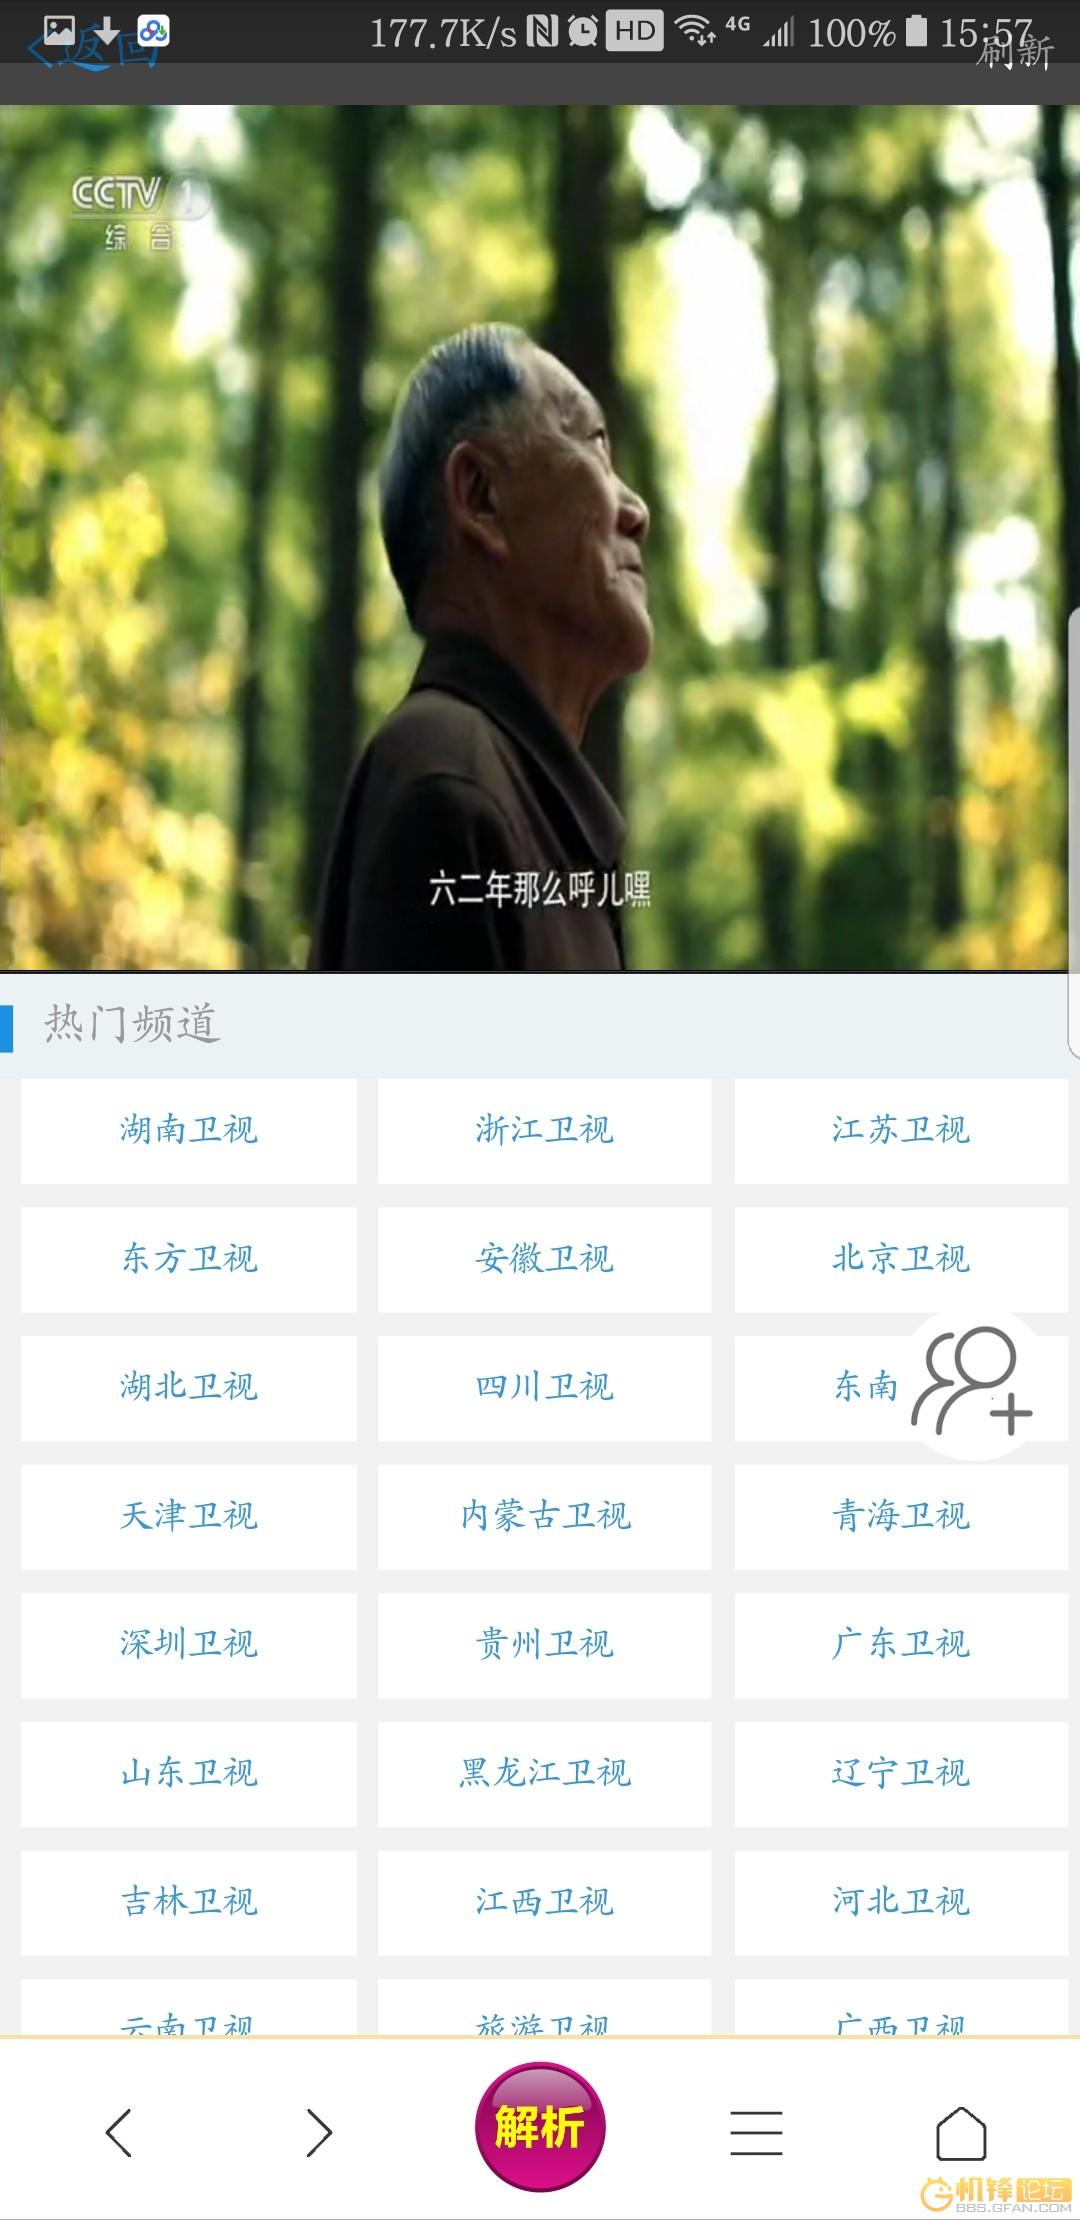 Screenshot_20180130-155724.jpg